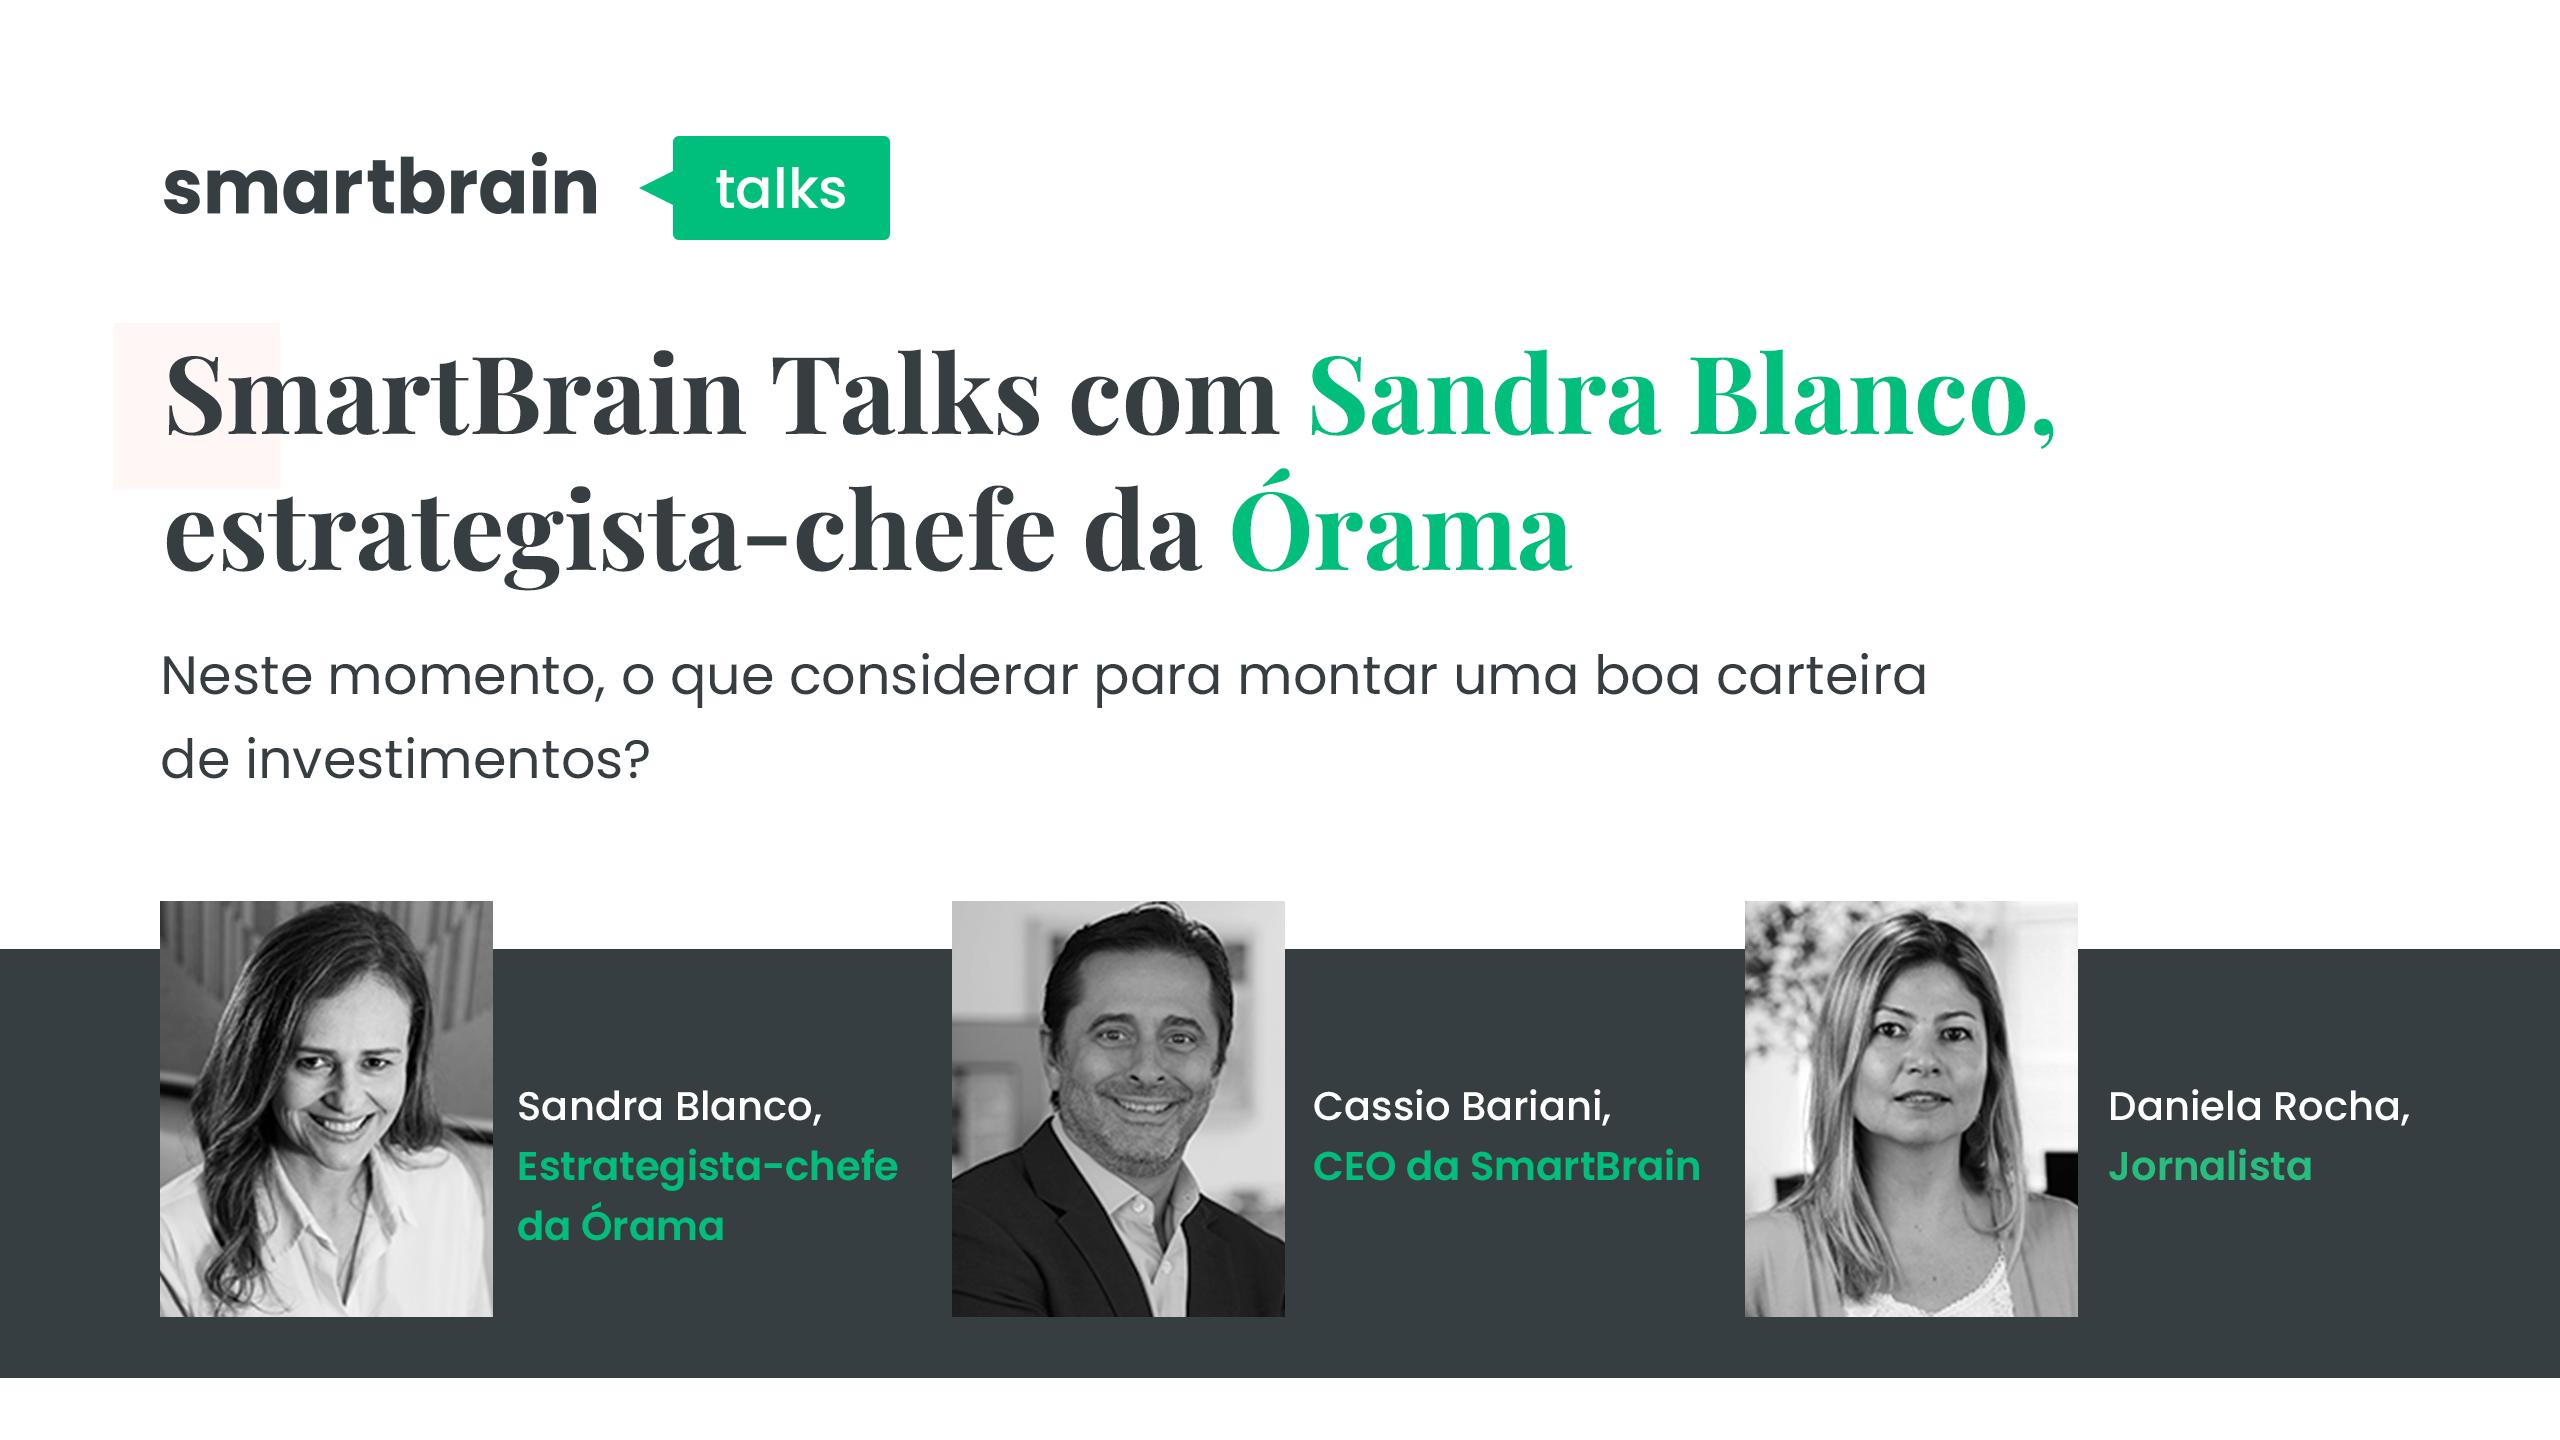 Papo com Sandra Blanco, estrategista-chefe da Órama